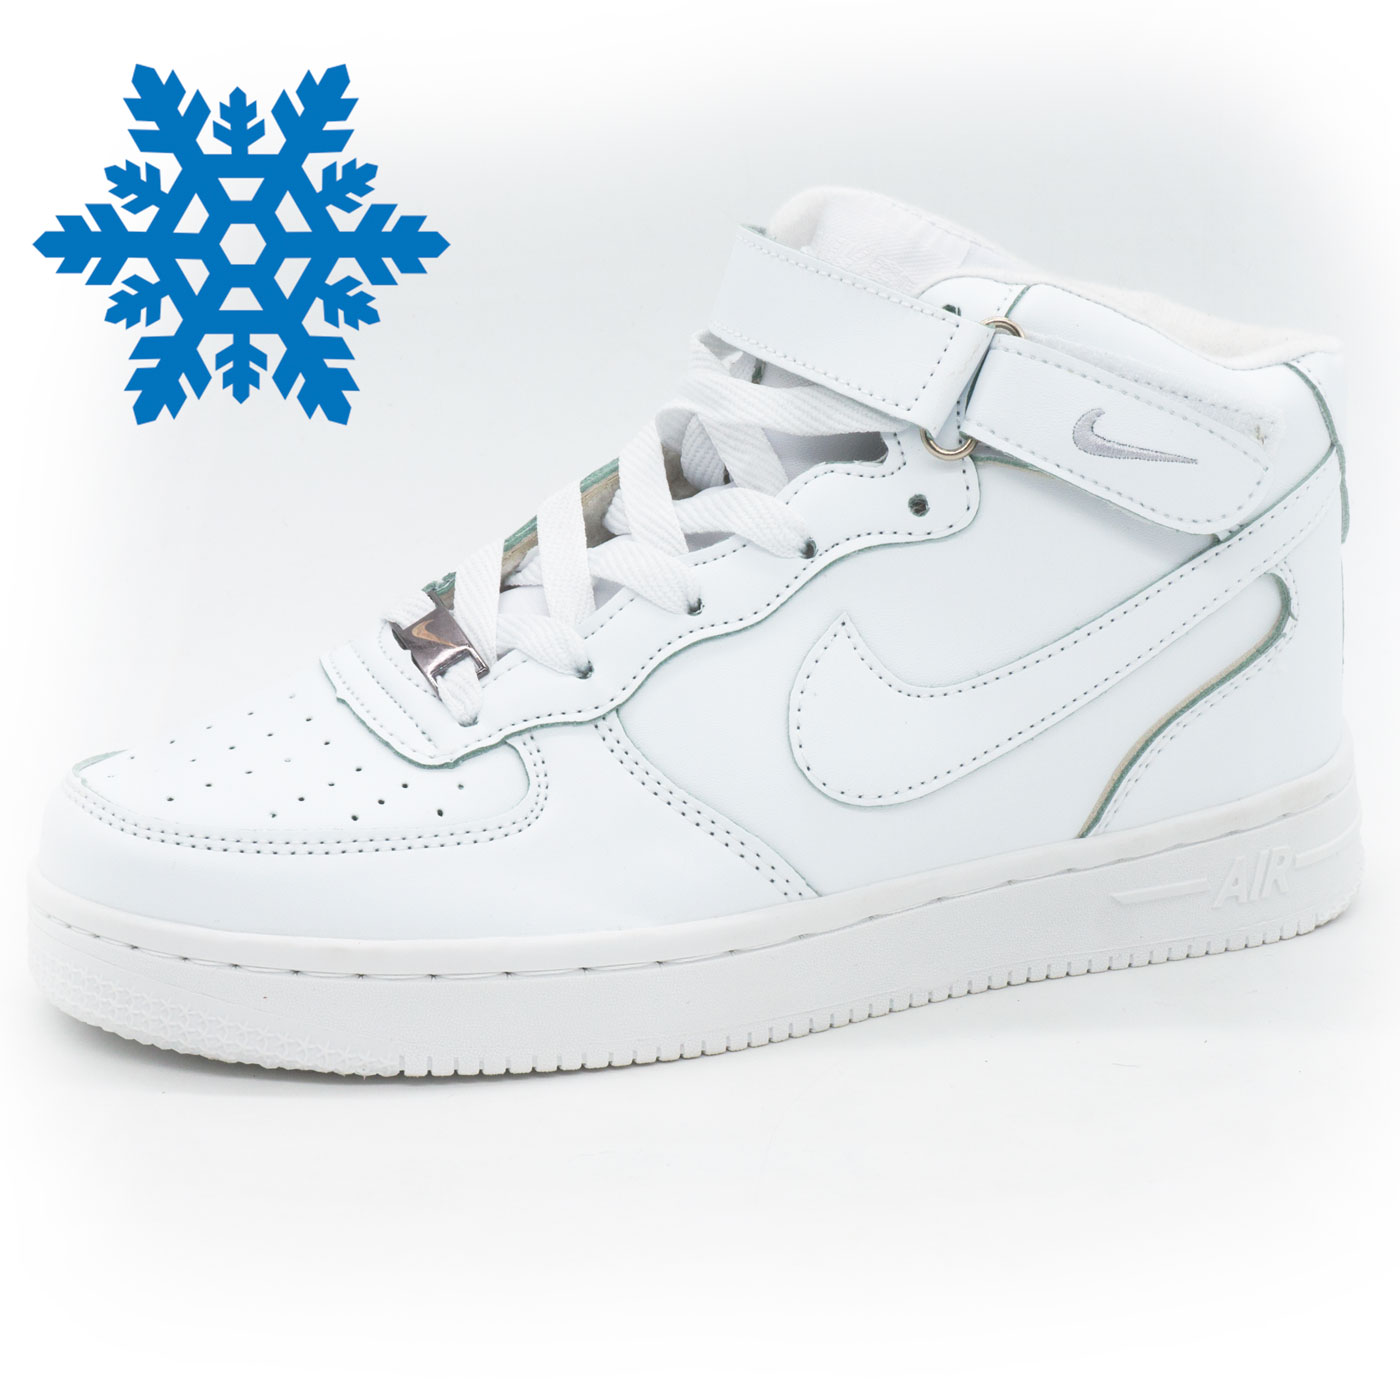 d80fcb90 Зимние кроссовки Nike Air Force высокие белые, купить высокие белые ...